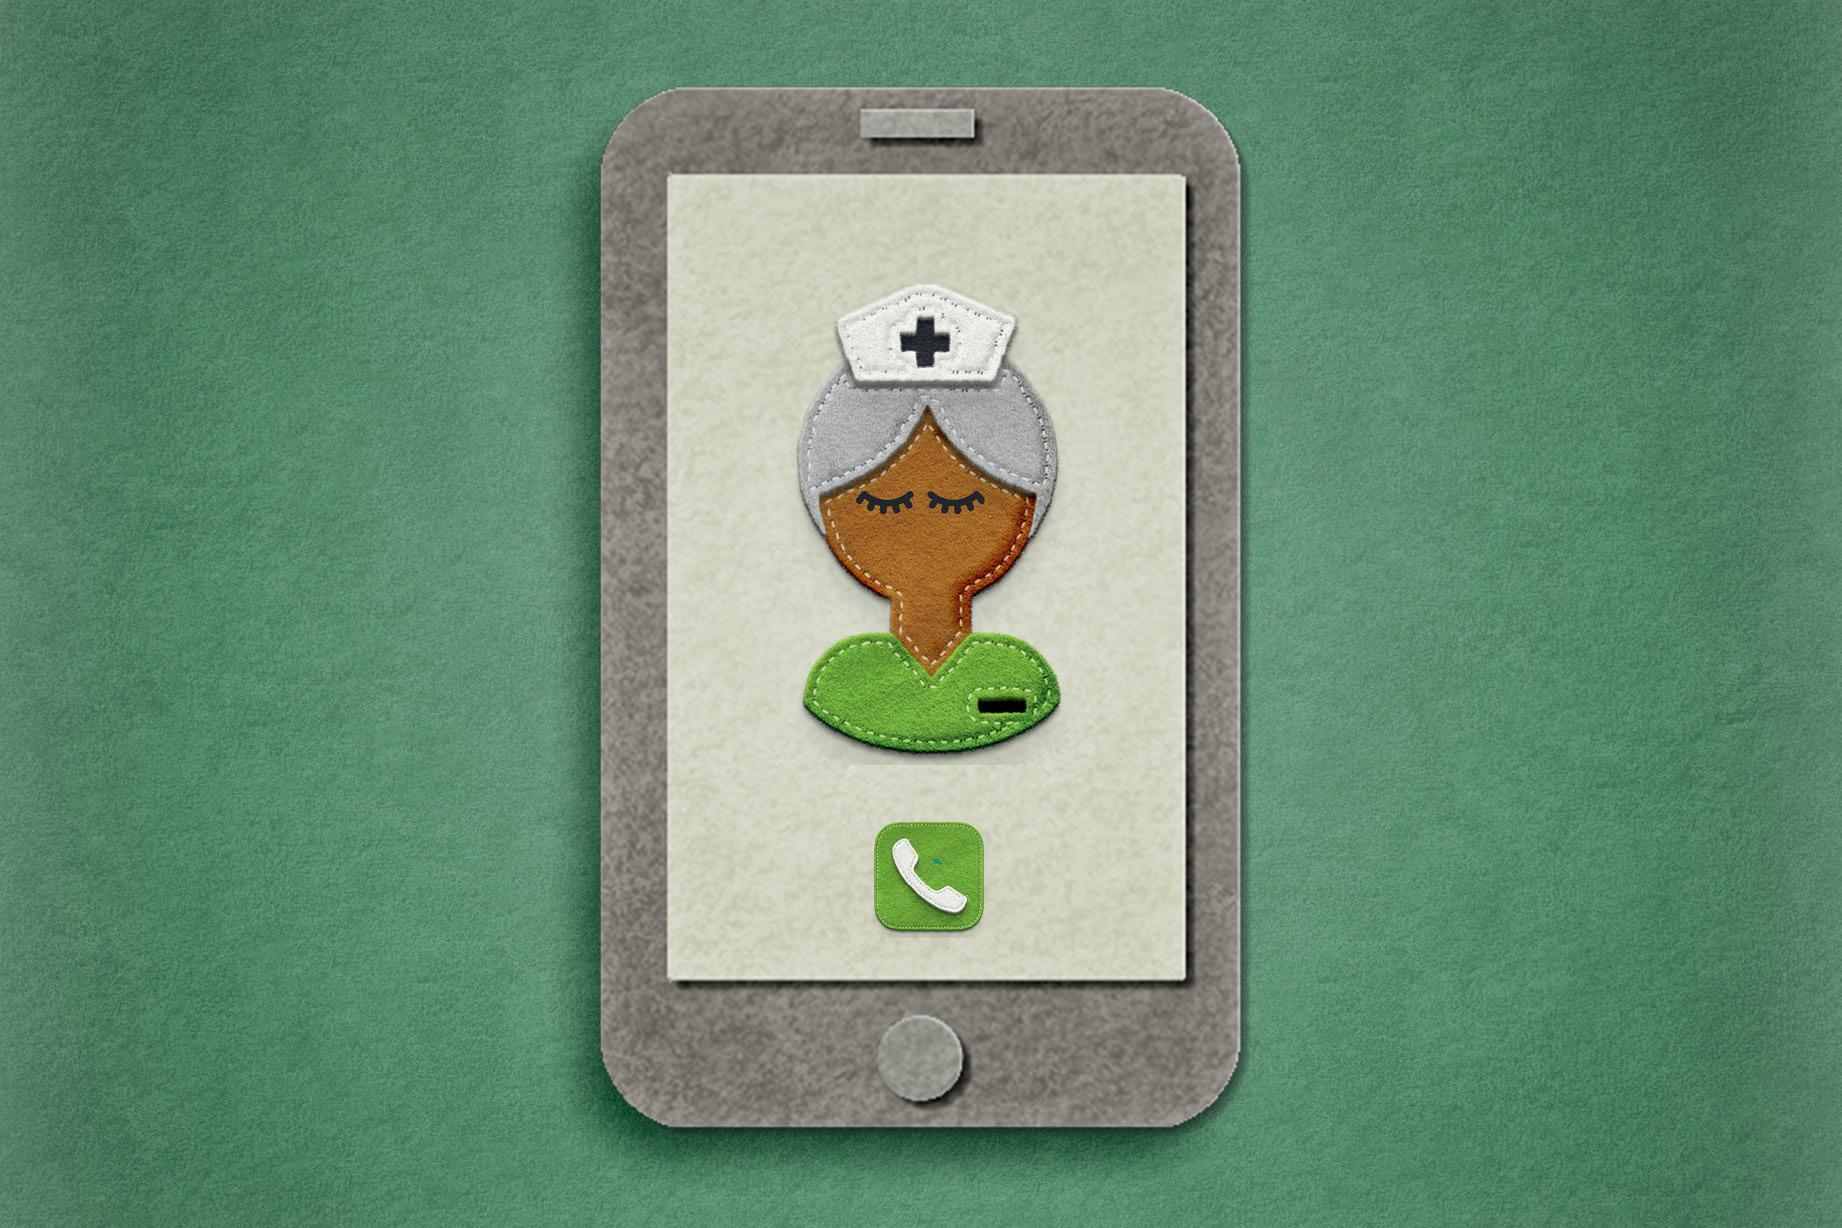 celular de feltro com enfermeira desenhada